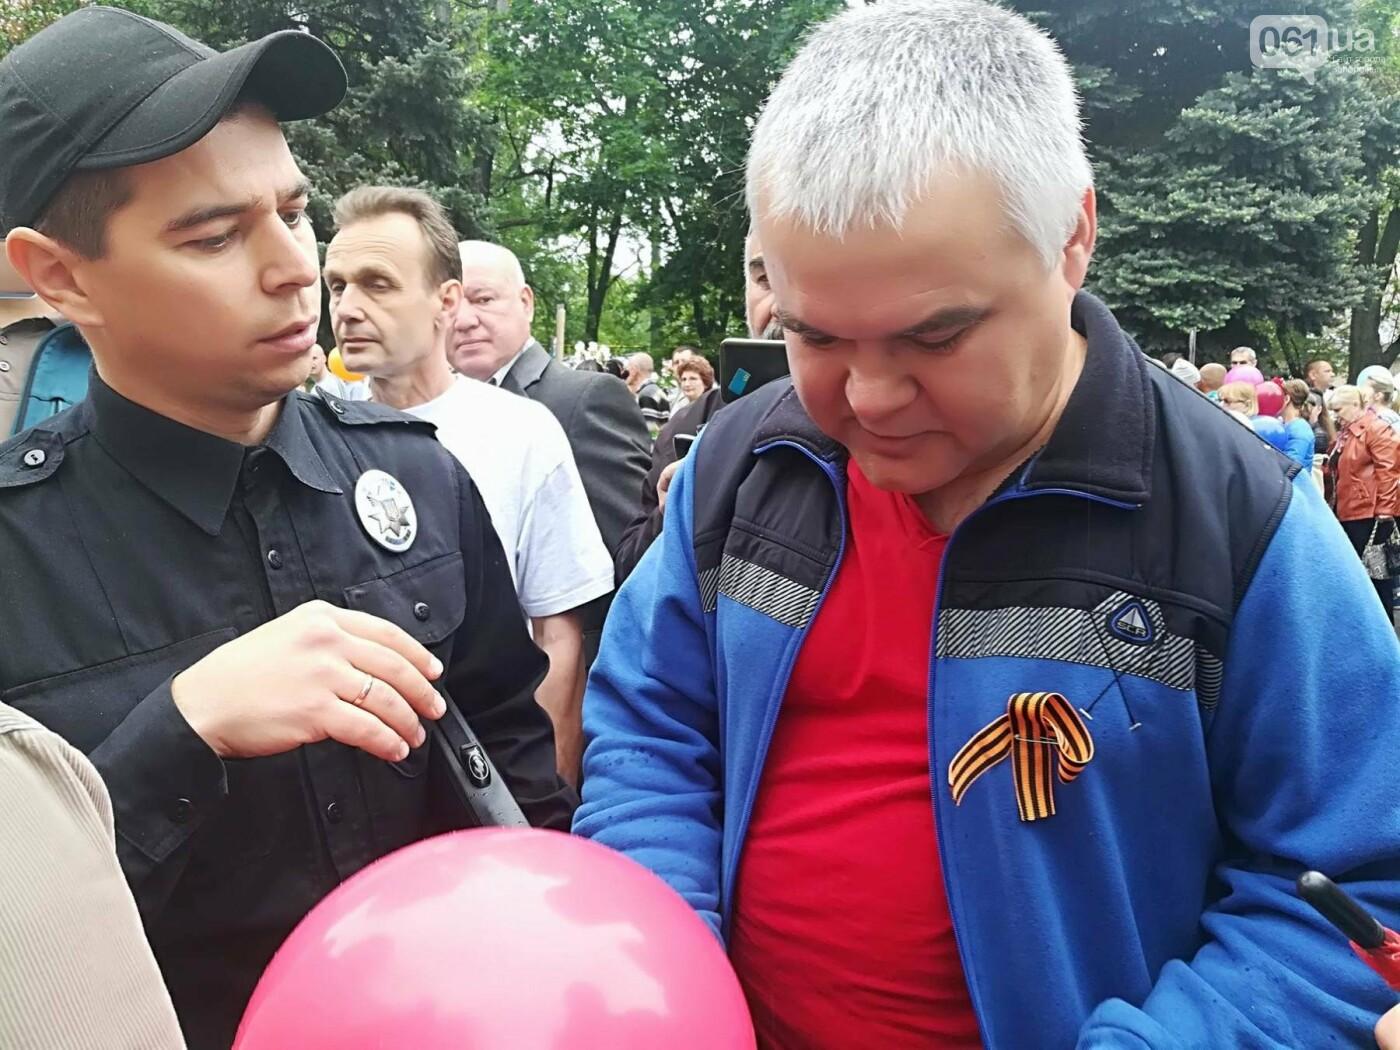 Мелитопольский суд решит, какой штраф заплатят участники митинга за запрещеную символику, фото-2